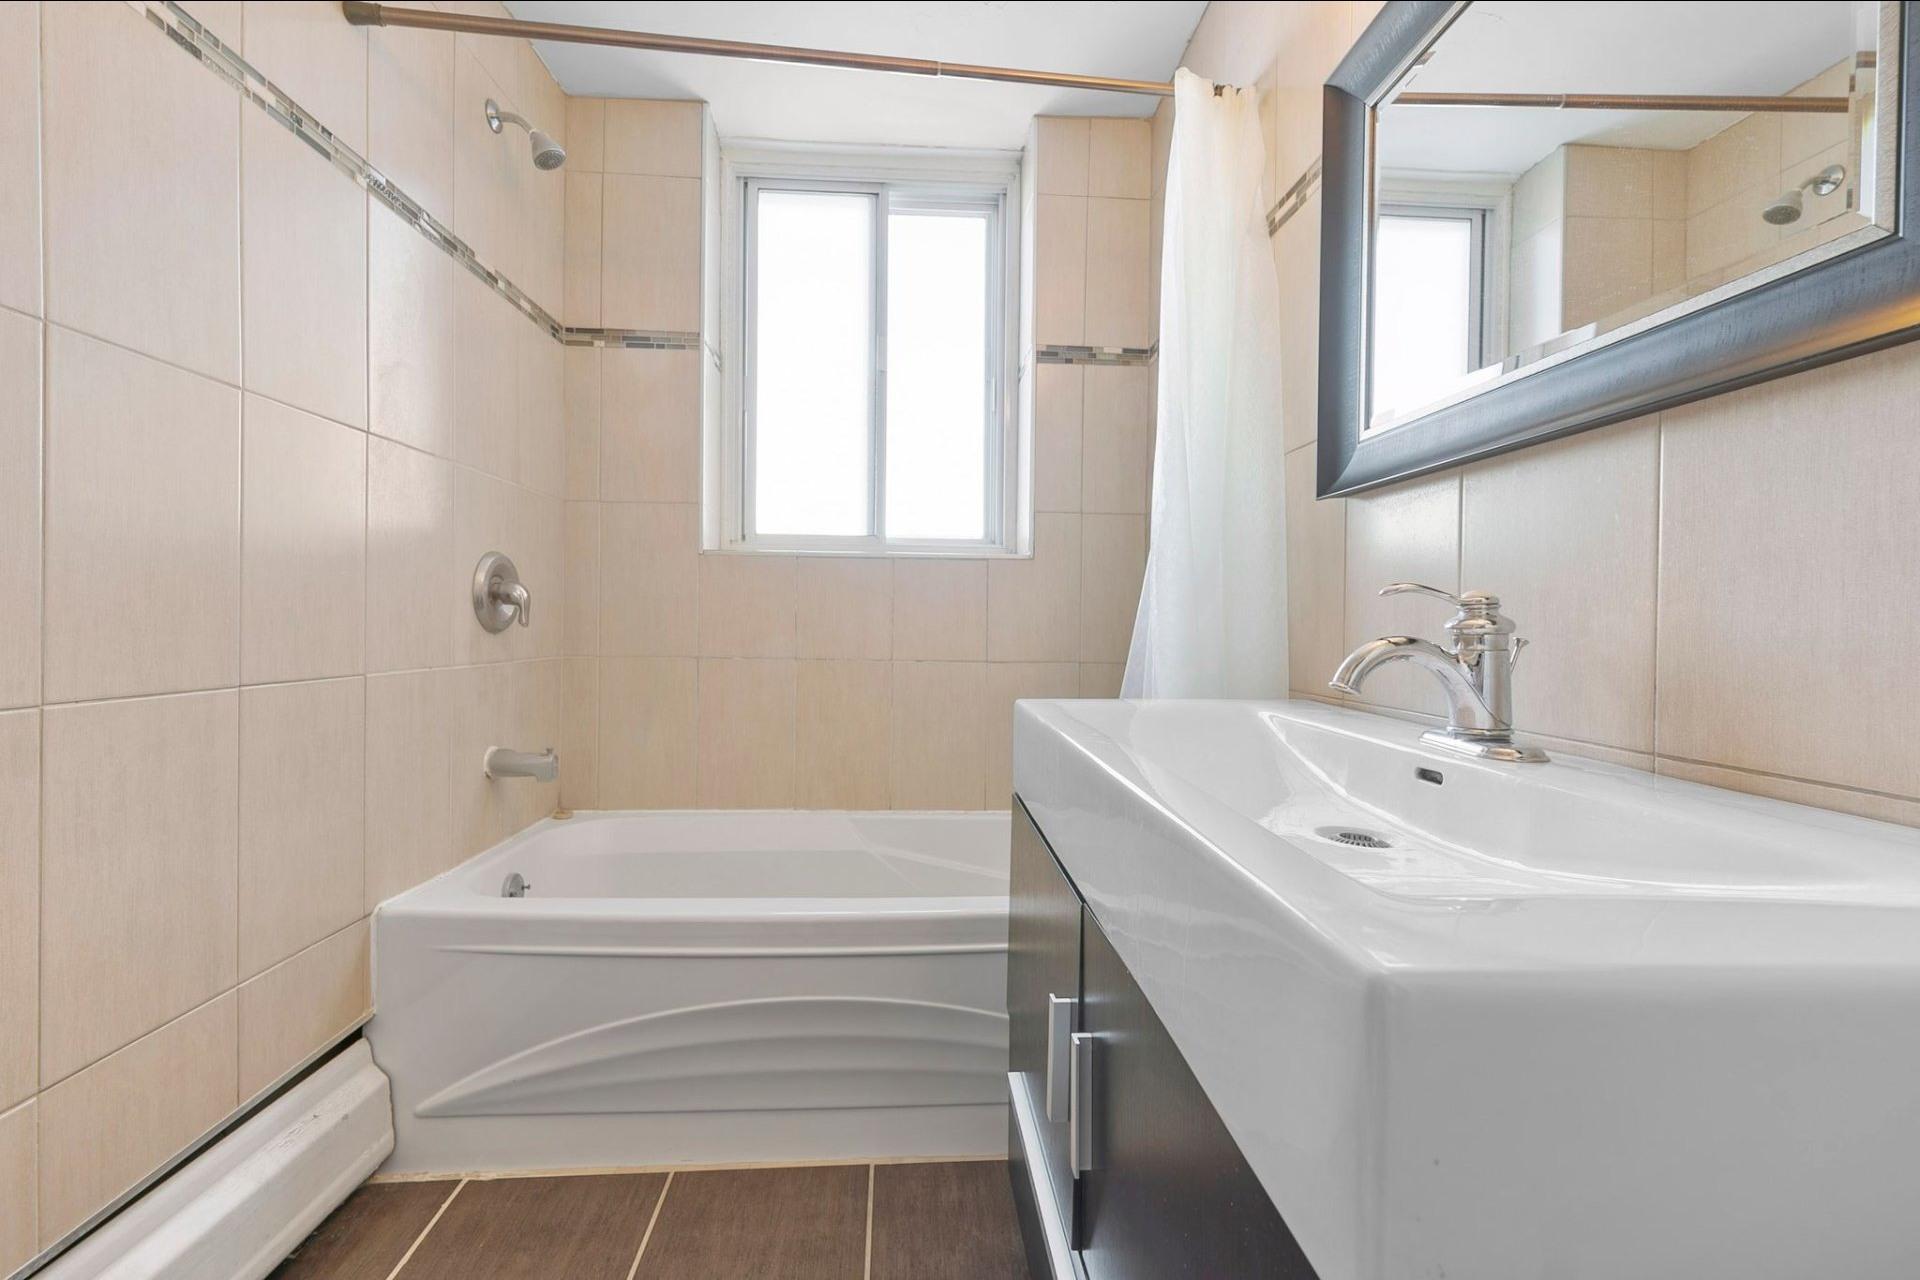 image 16 - Appartement À vendre Côte-des-Neiges/Notre-Dame-de-Grâce Montréal  - 4 pièces